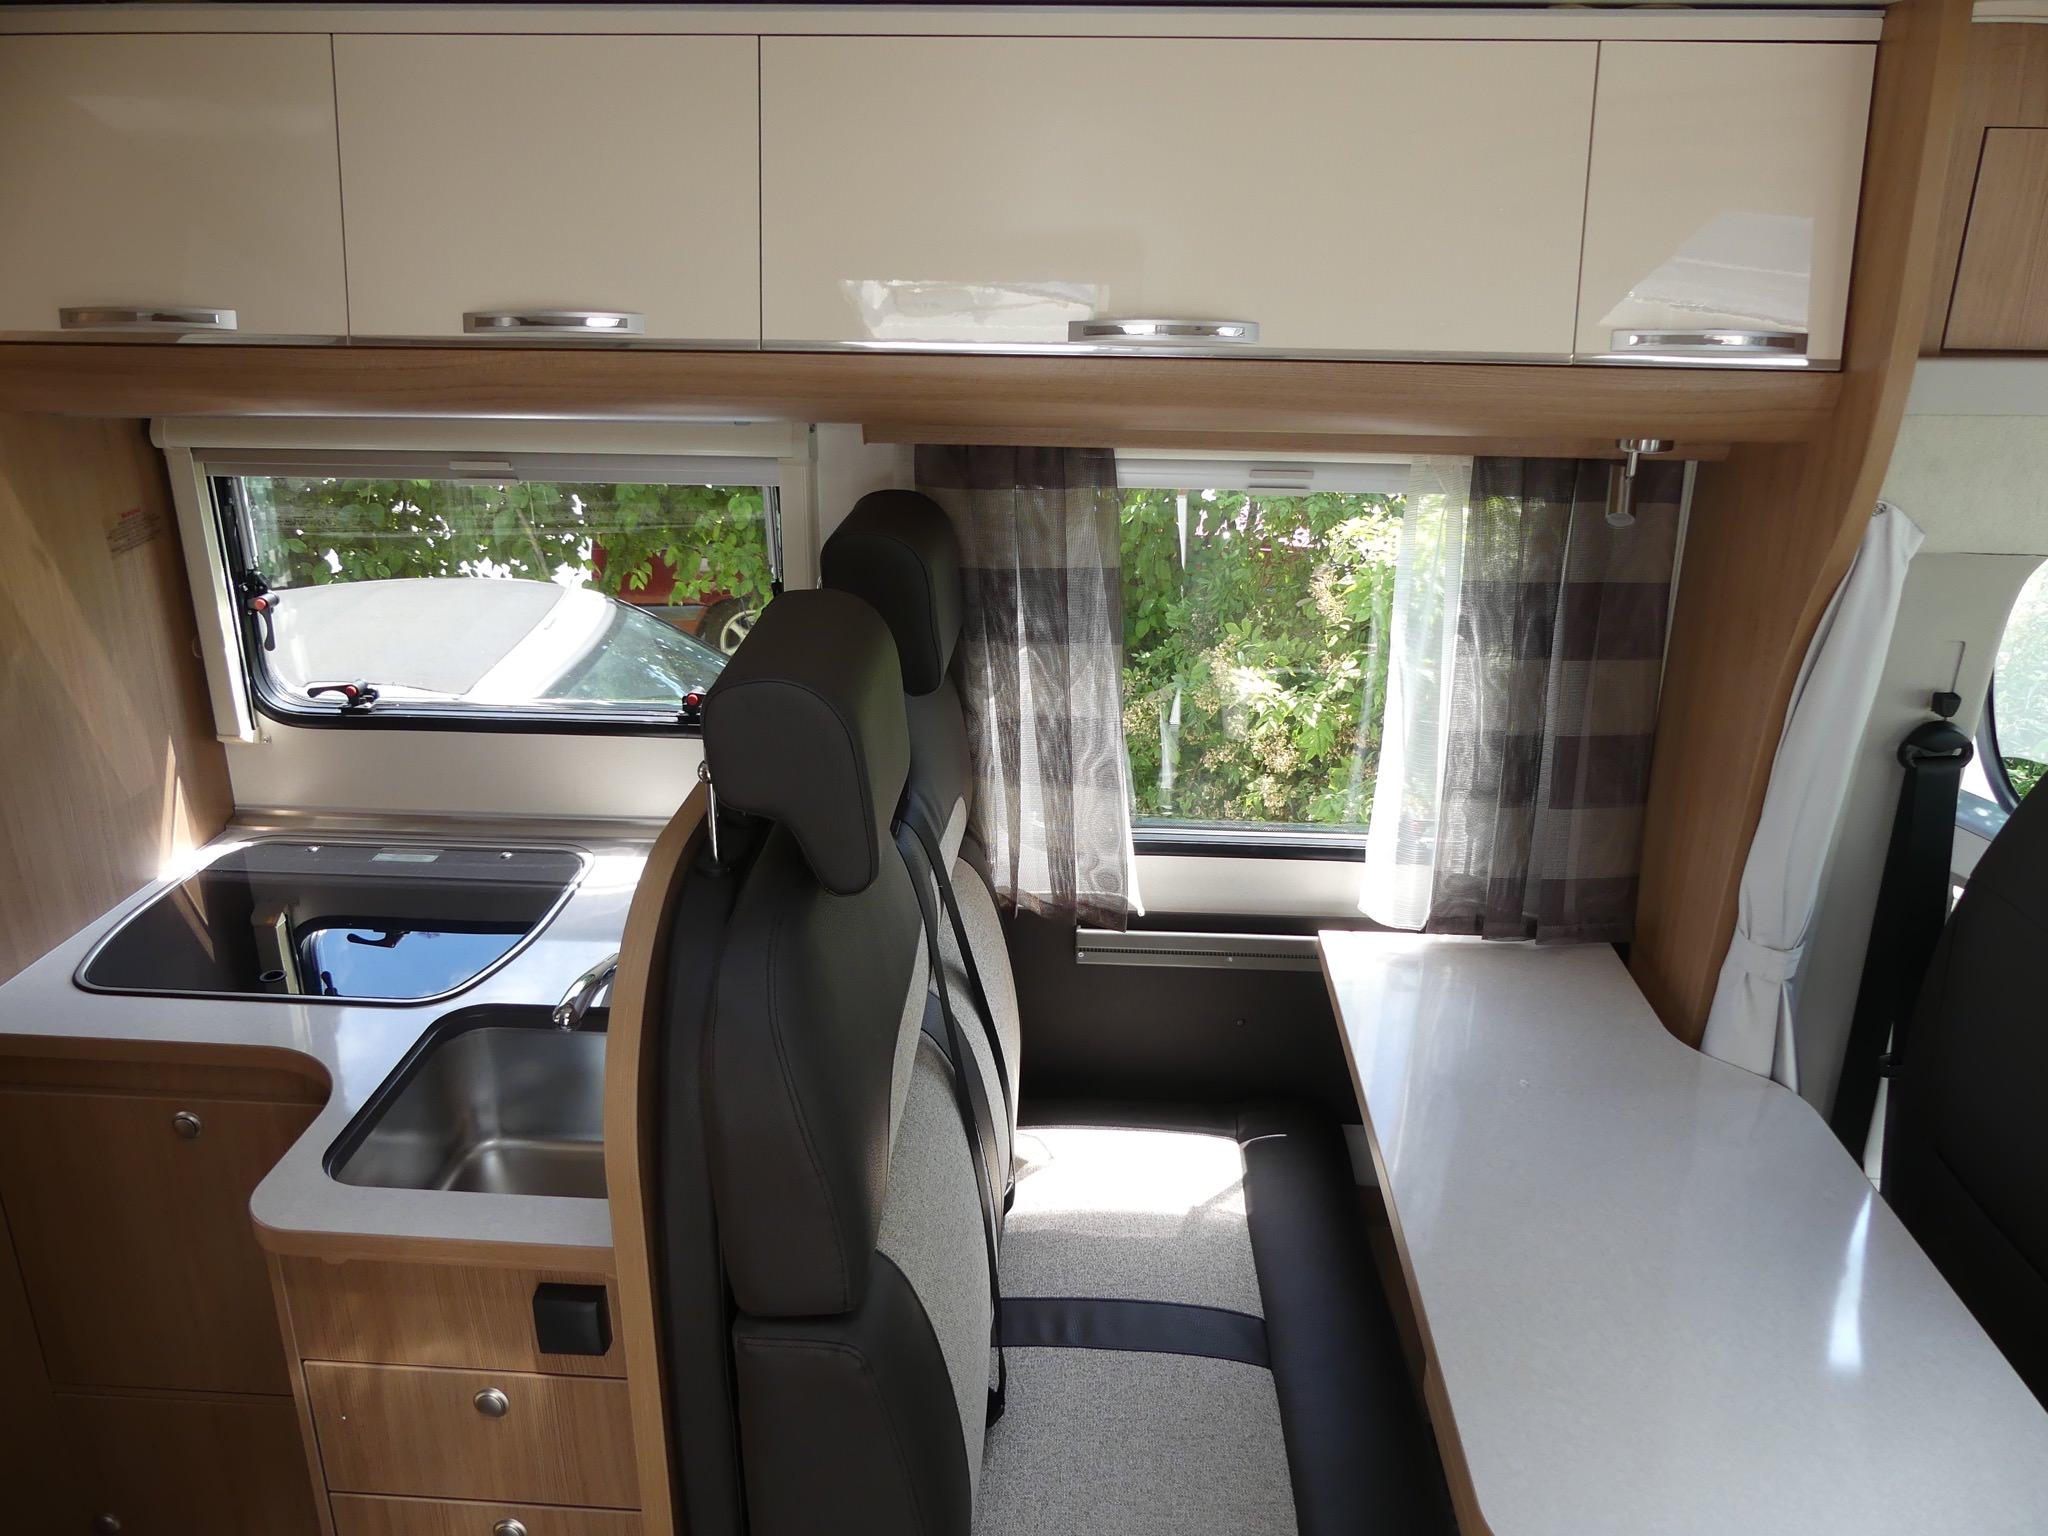 sun living lido s 45 sc sofort lieferbar von womo eder angebot neu neu im verkauf sun. Black Bedroom Furniture Sets. Home Design Ideas